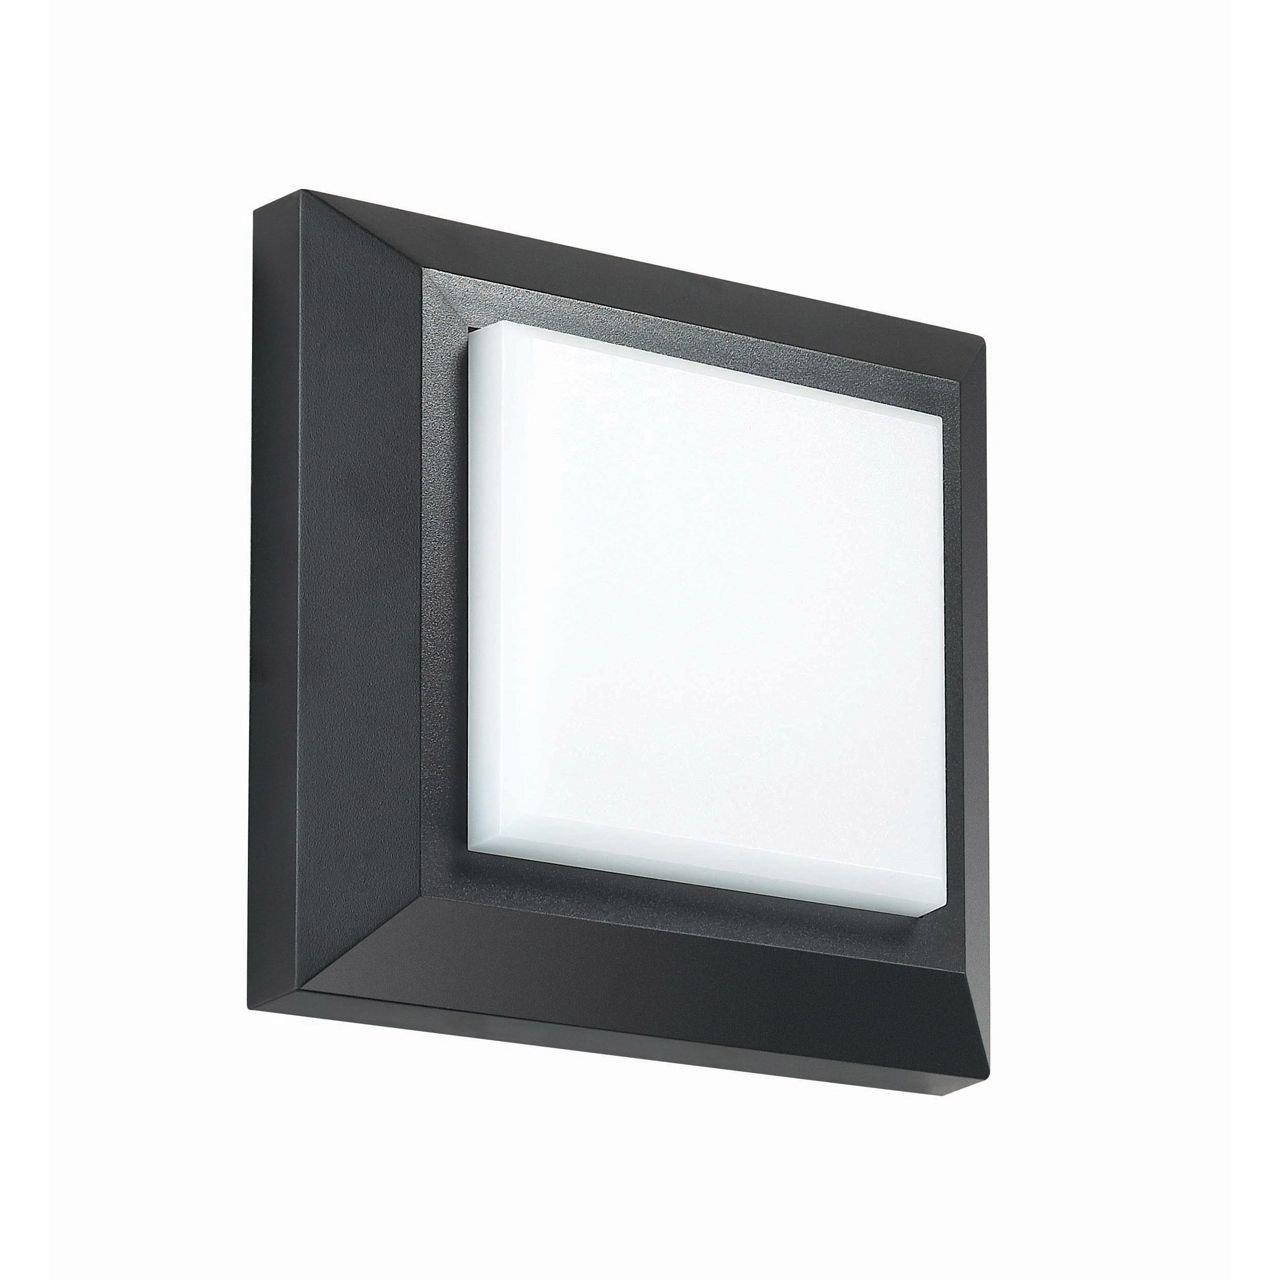 Уличный настенный светодиодный светильник IP54 Novotech Kaimas 357419